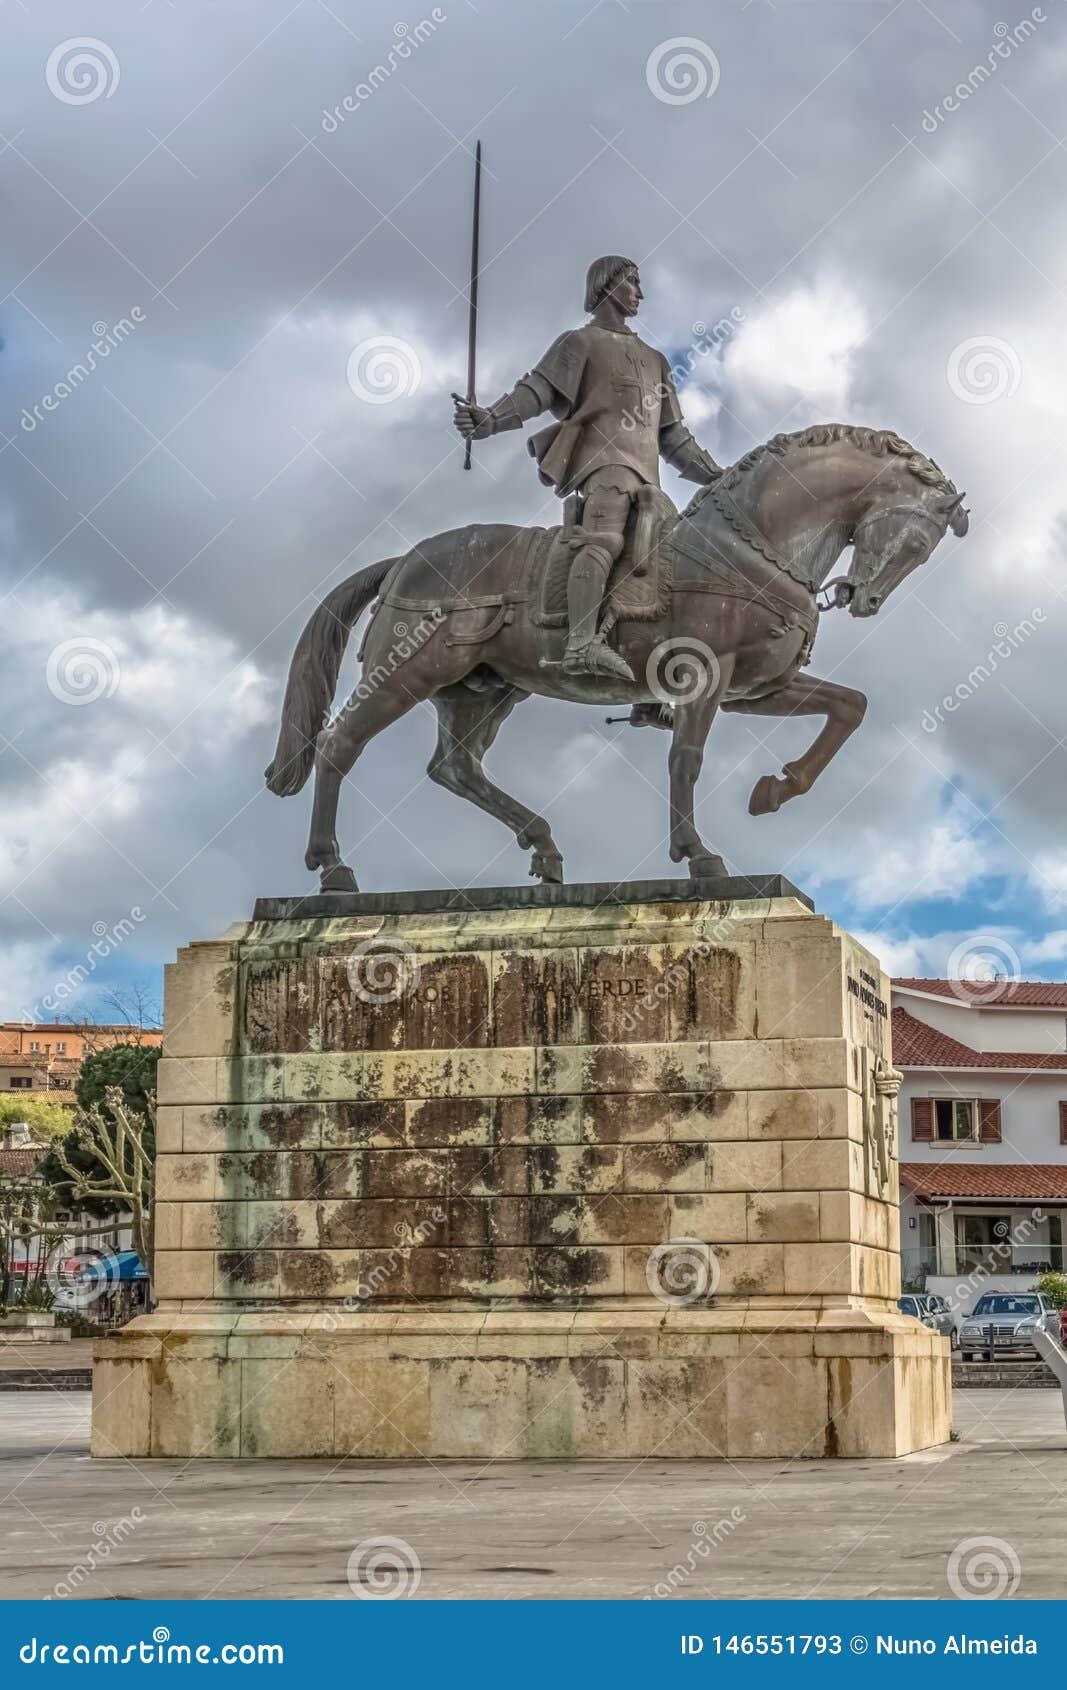 Vista detalhada da estátua no pereira de Nuno Alvares, no cavaleiro português famoso e em seu cavalo, Portugal